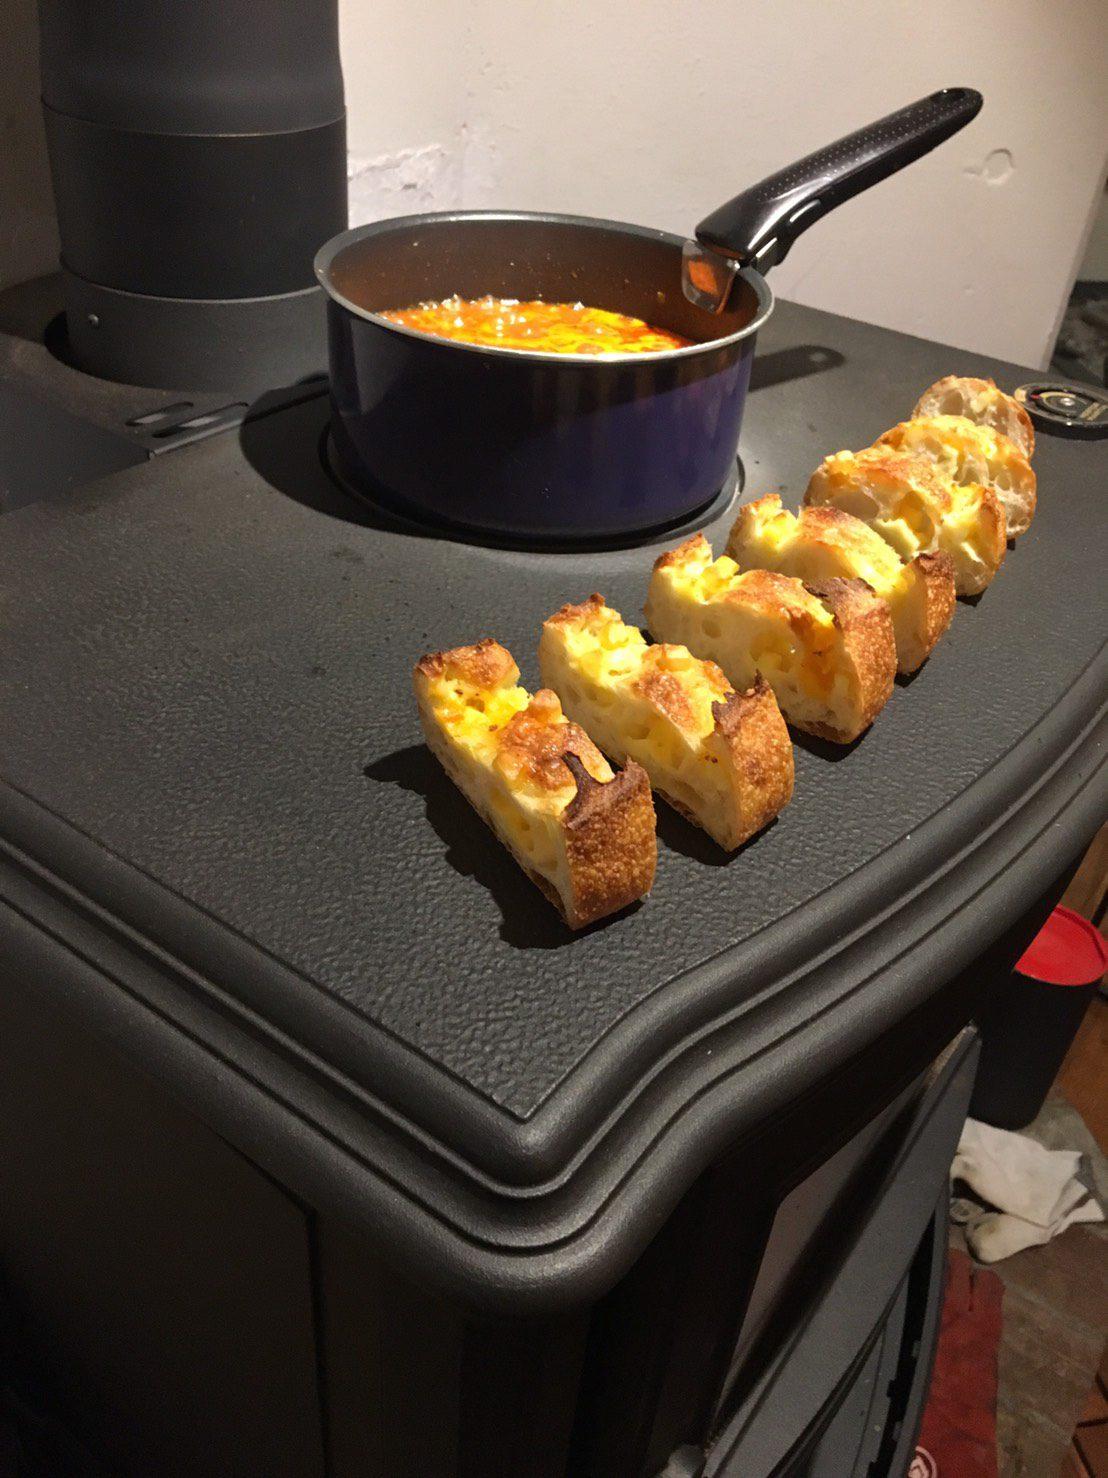 トップではティファール鍋を置きミートソースをコトコトし、チーズフランスも温める